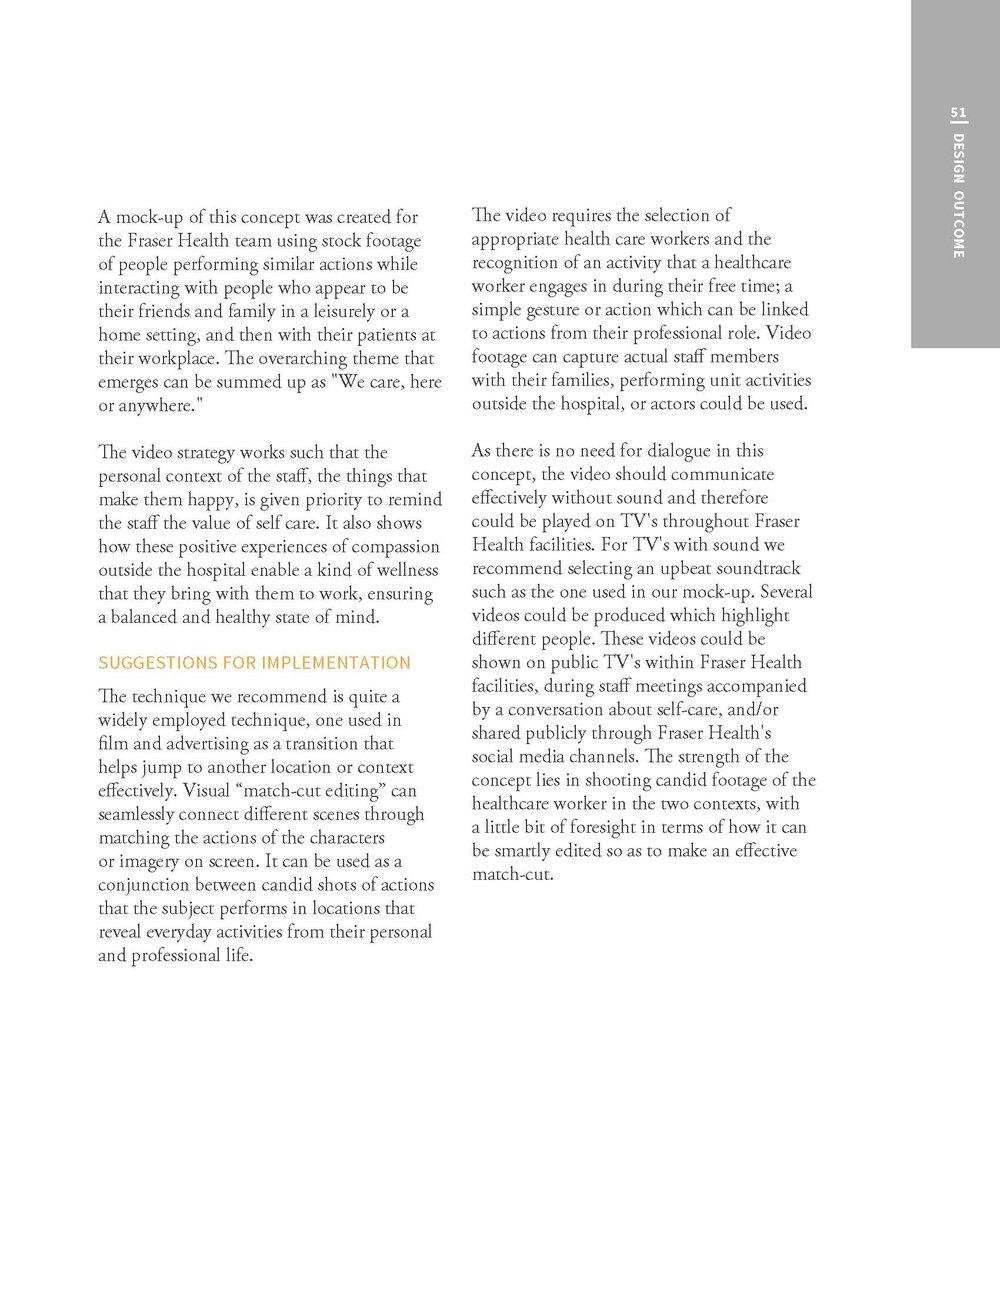 Copy of HDL_Fraser_Health_V4_Page_51.jpg